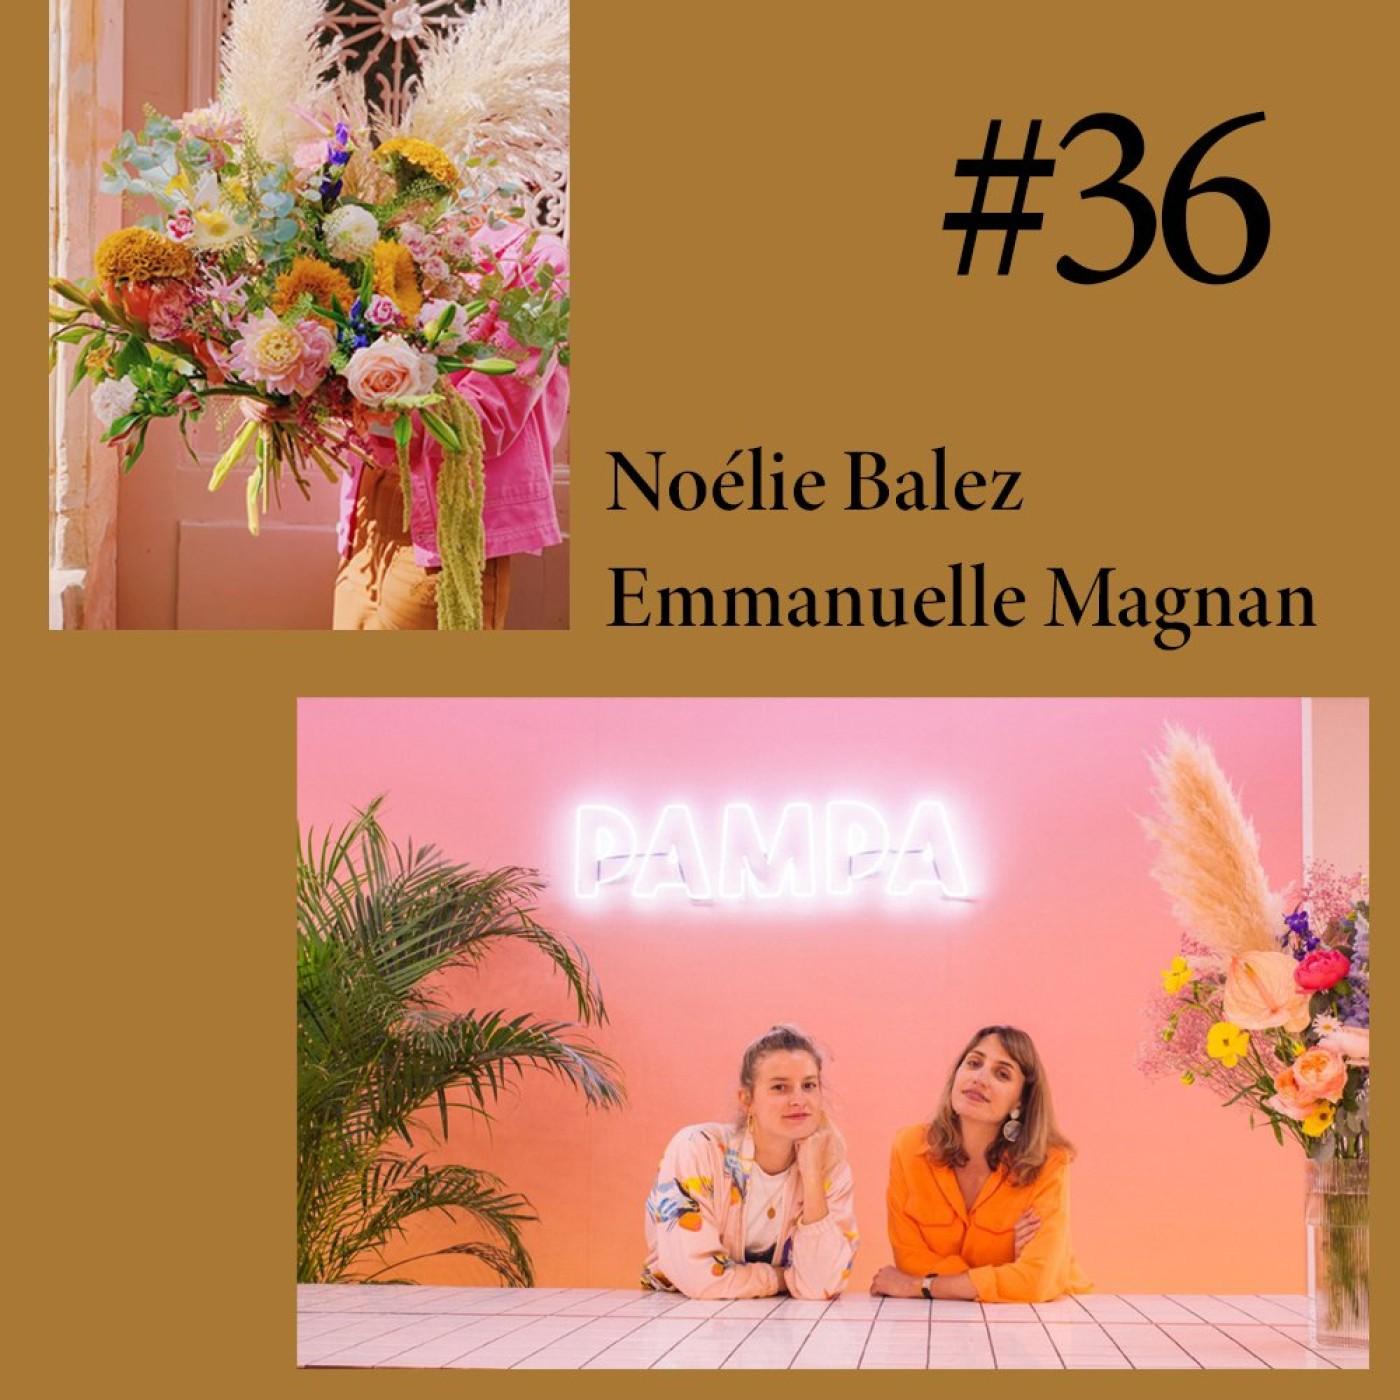 """#36 Noélie Balez et Emmanuelle Magnan (Pampa) """"Un bouquet c'est une petite fête"""""""